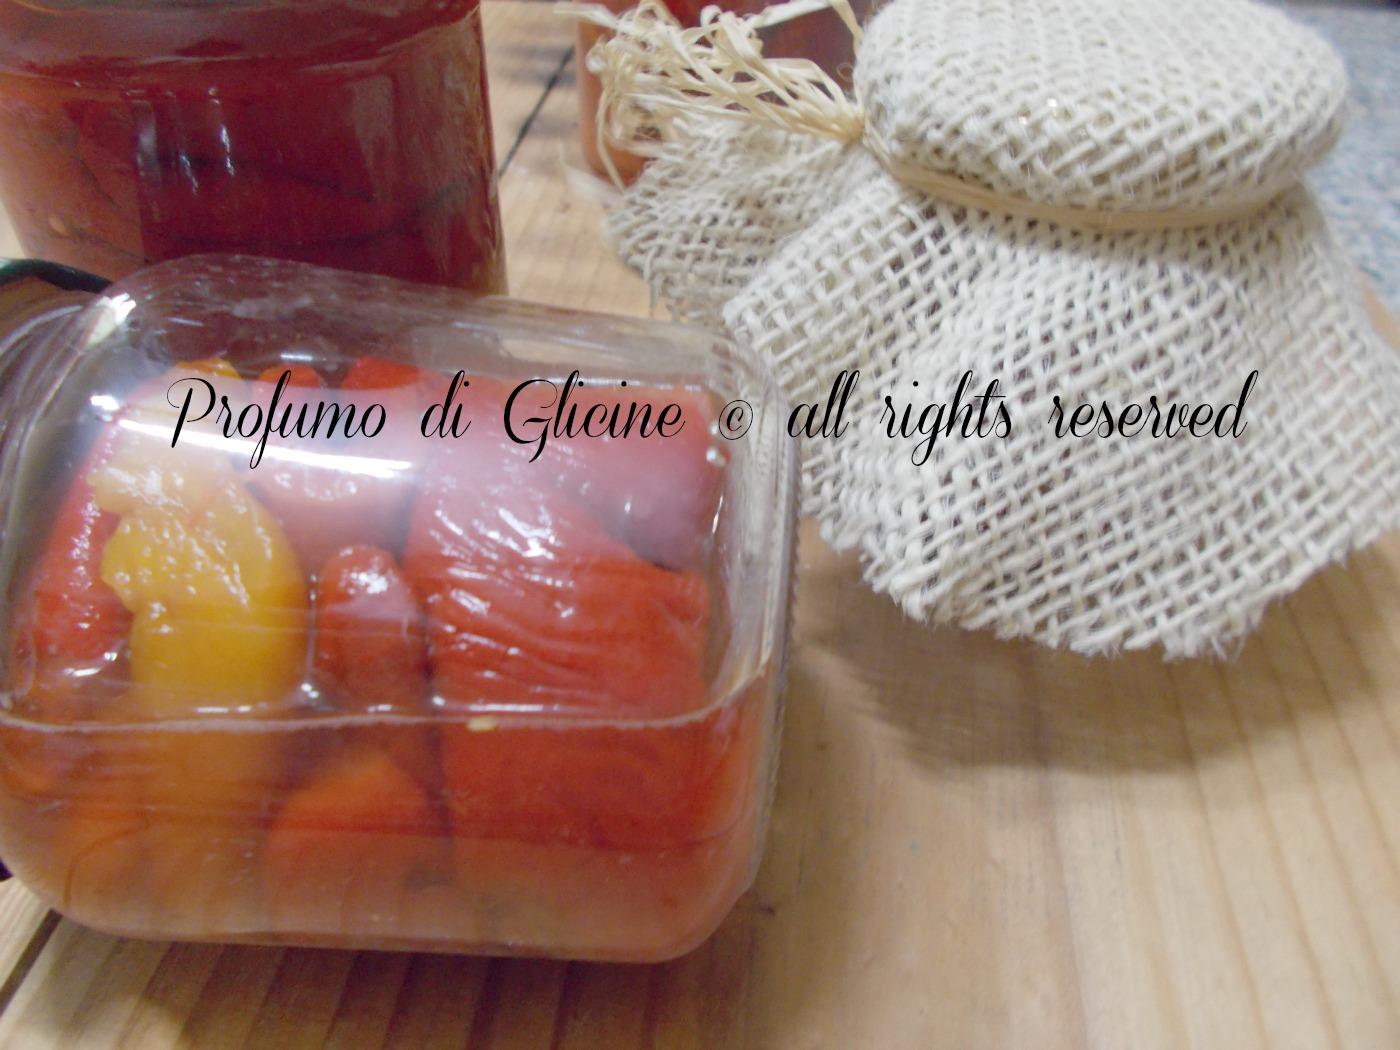 conserve di peperoni arrostiti nella cucina di profumo di glicine